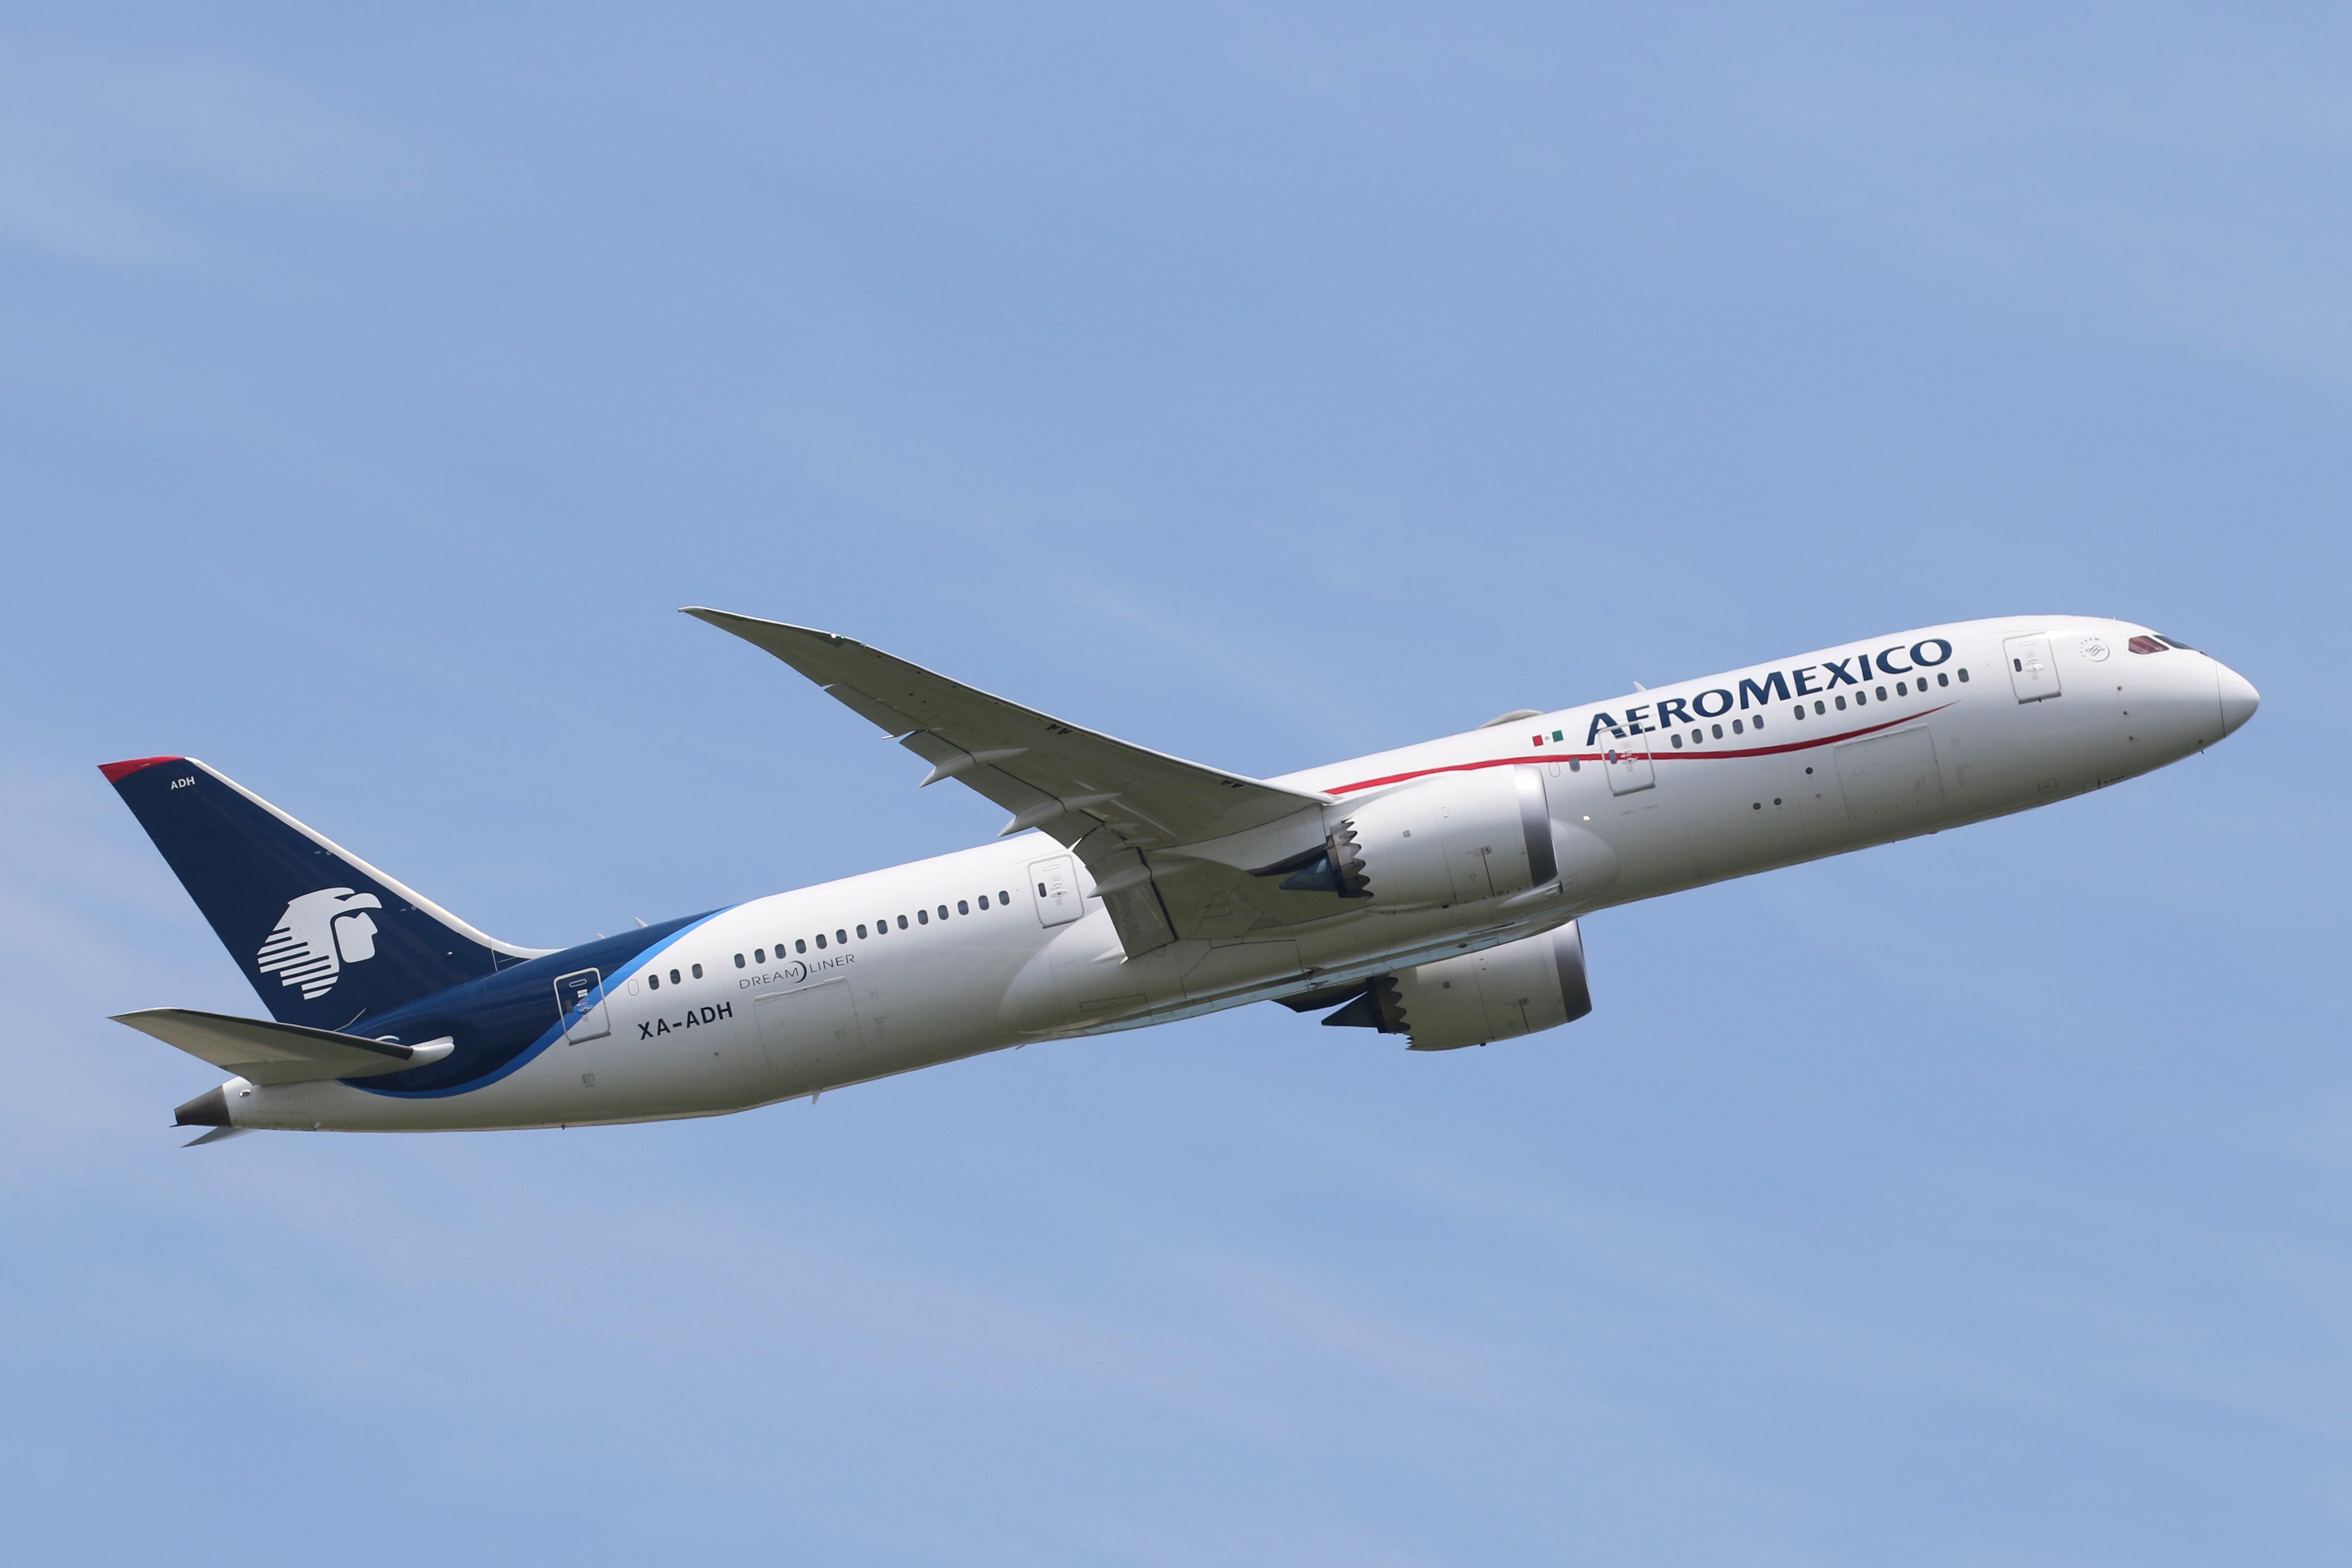 KLM、コロナで停止中の航空機はどのように駐機・管理されている??